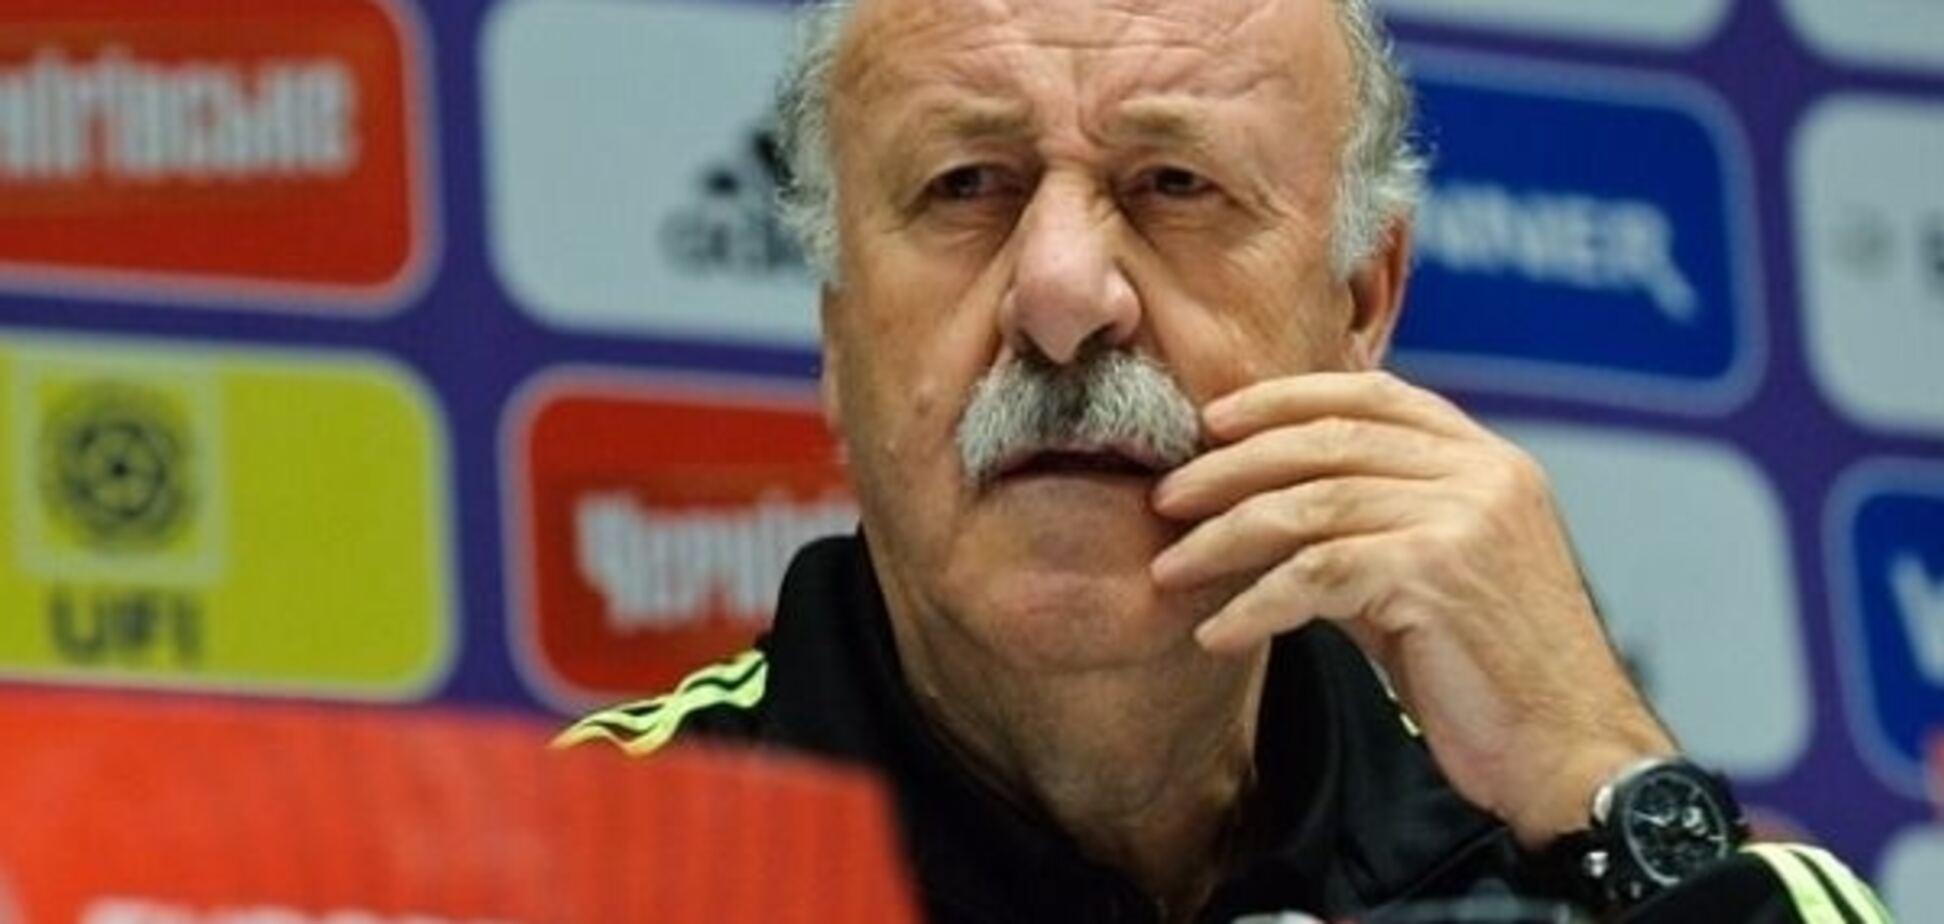 'Немає ні в одній збірній': іспанський тренер назвав найнебезпечніших футболістів України